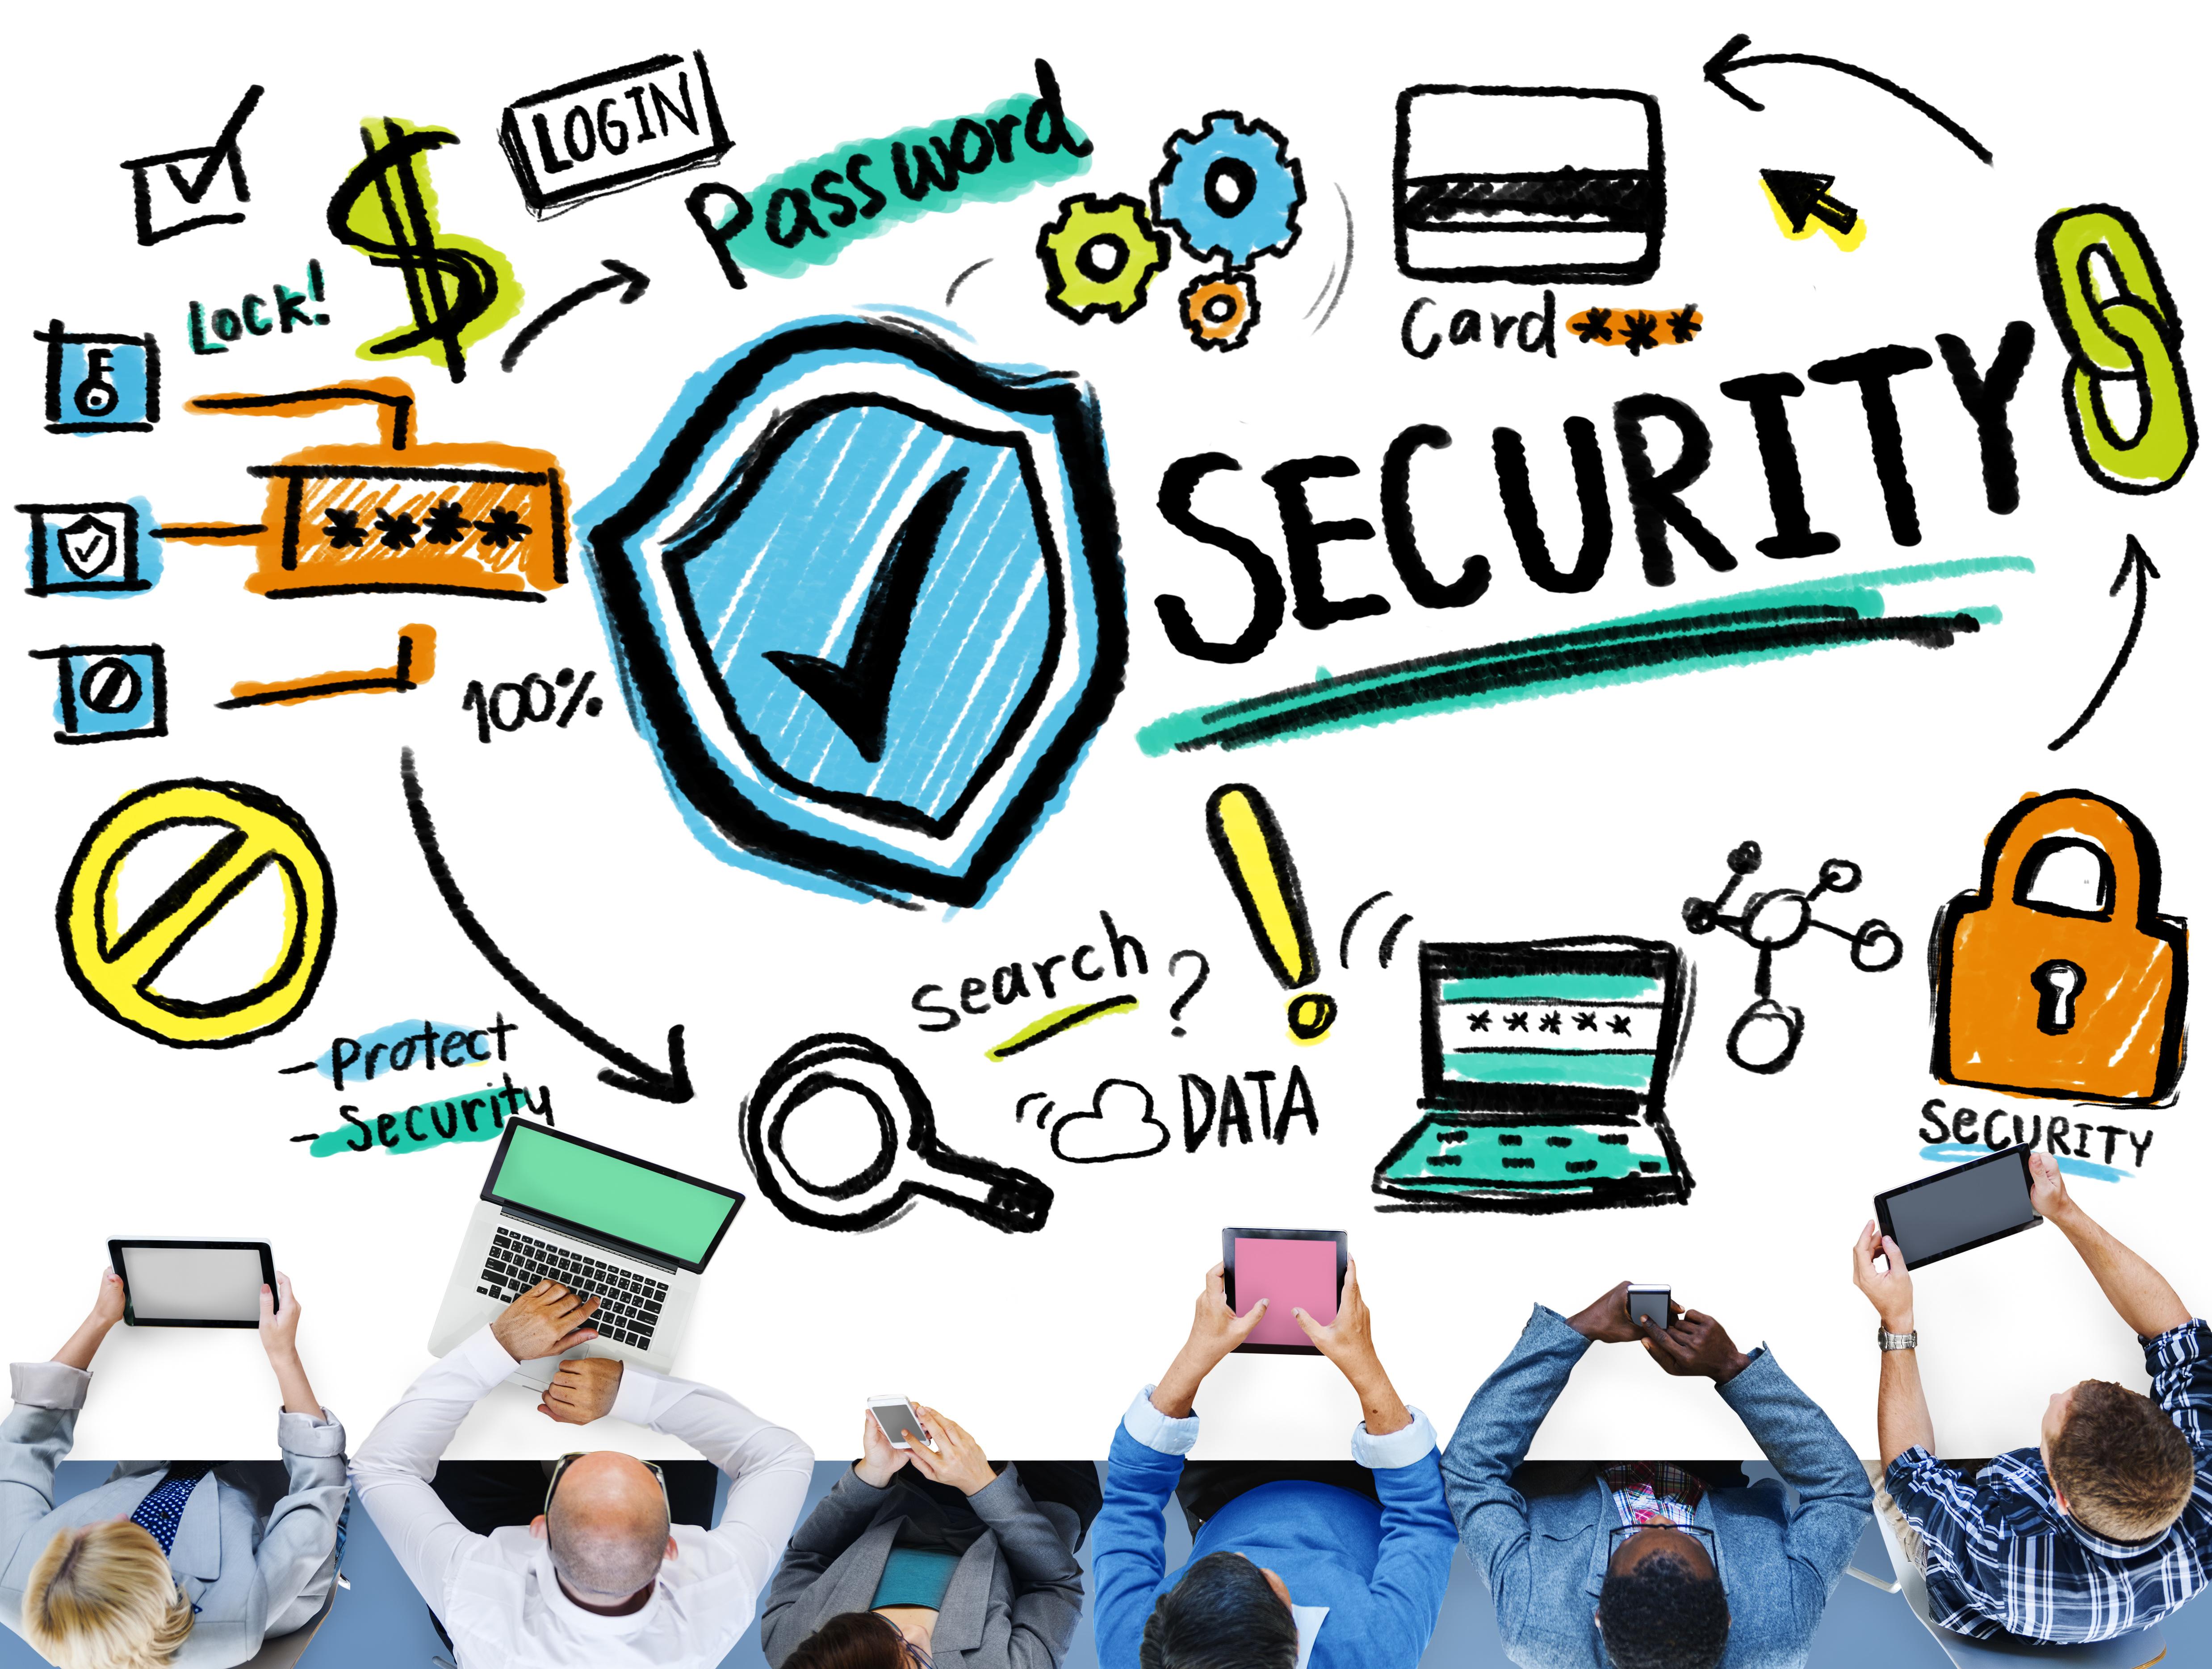 アイネスセキュリティ無料セミナー開催!『~昨今のサイバー脅威を紐解くと見えてくる、本当に必要なアウトソース思考~』【1/18(金)東京会場】